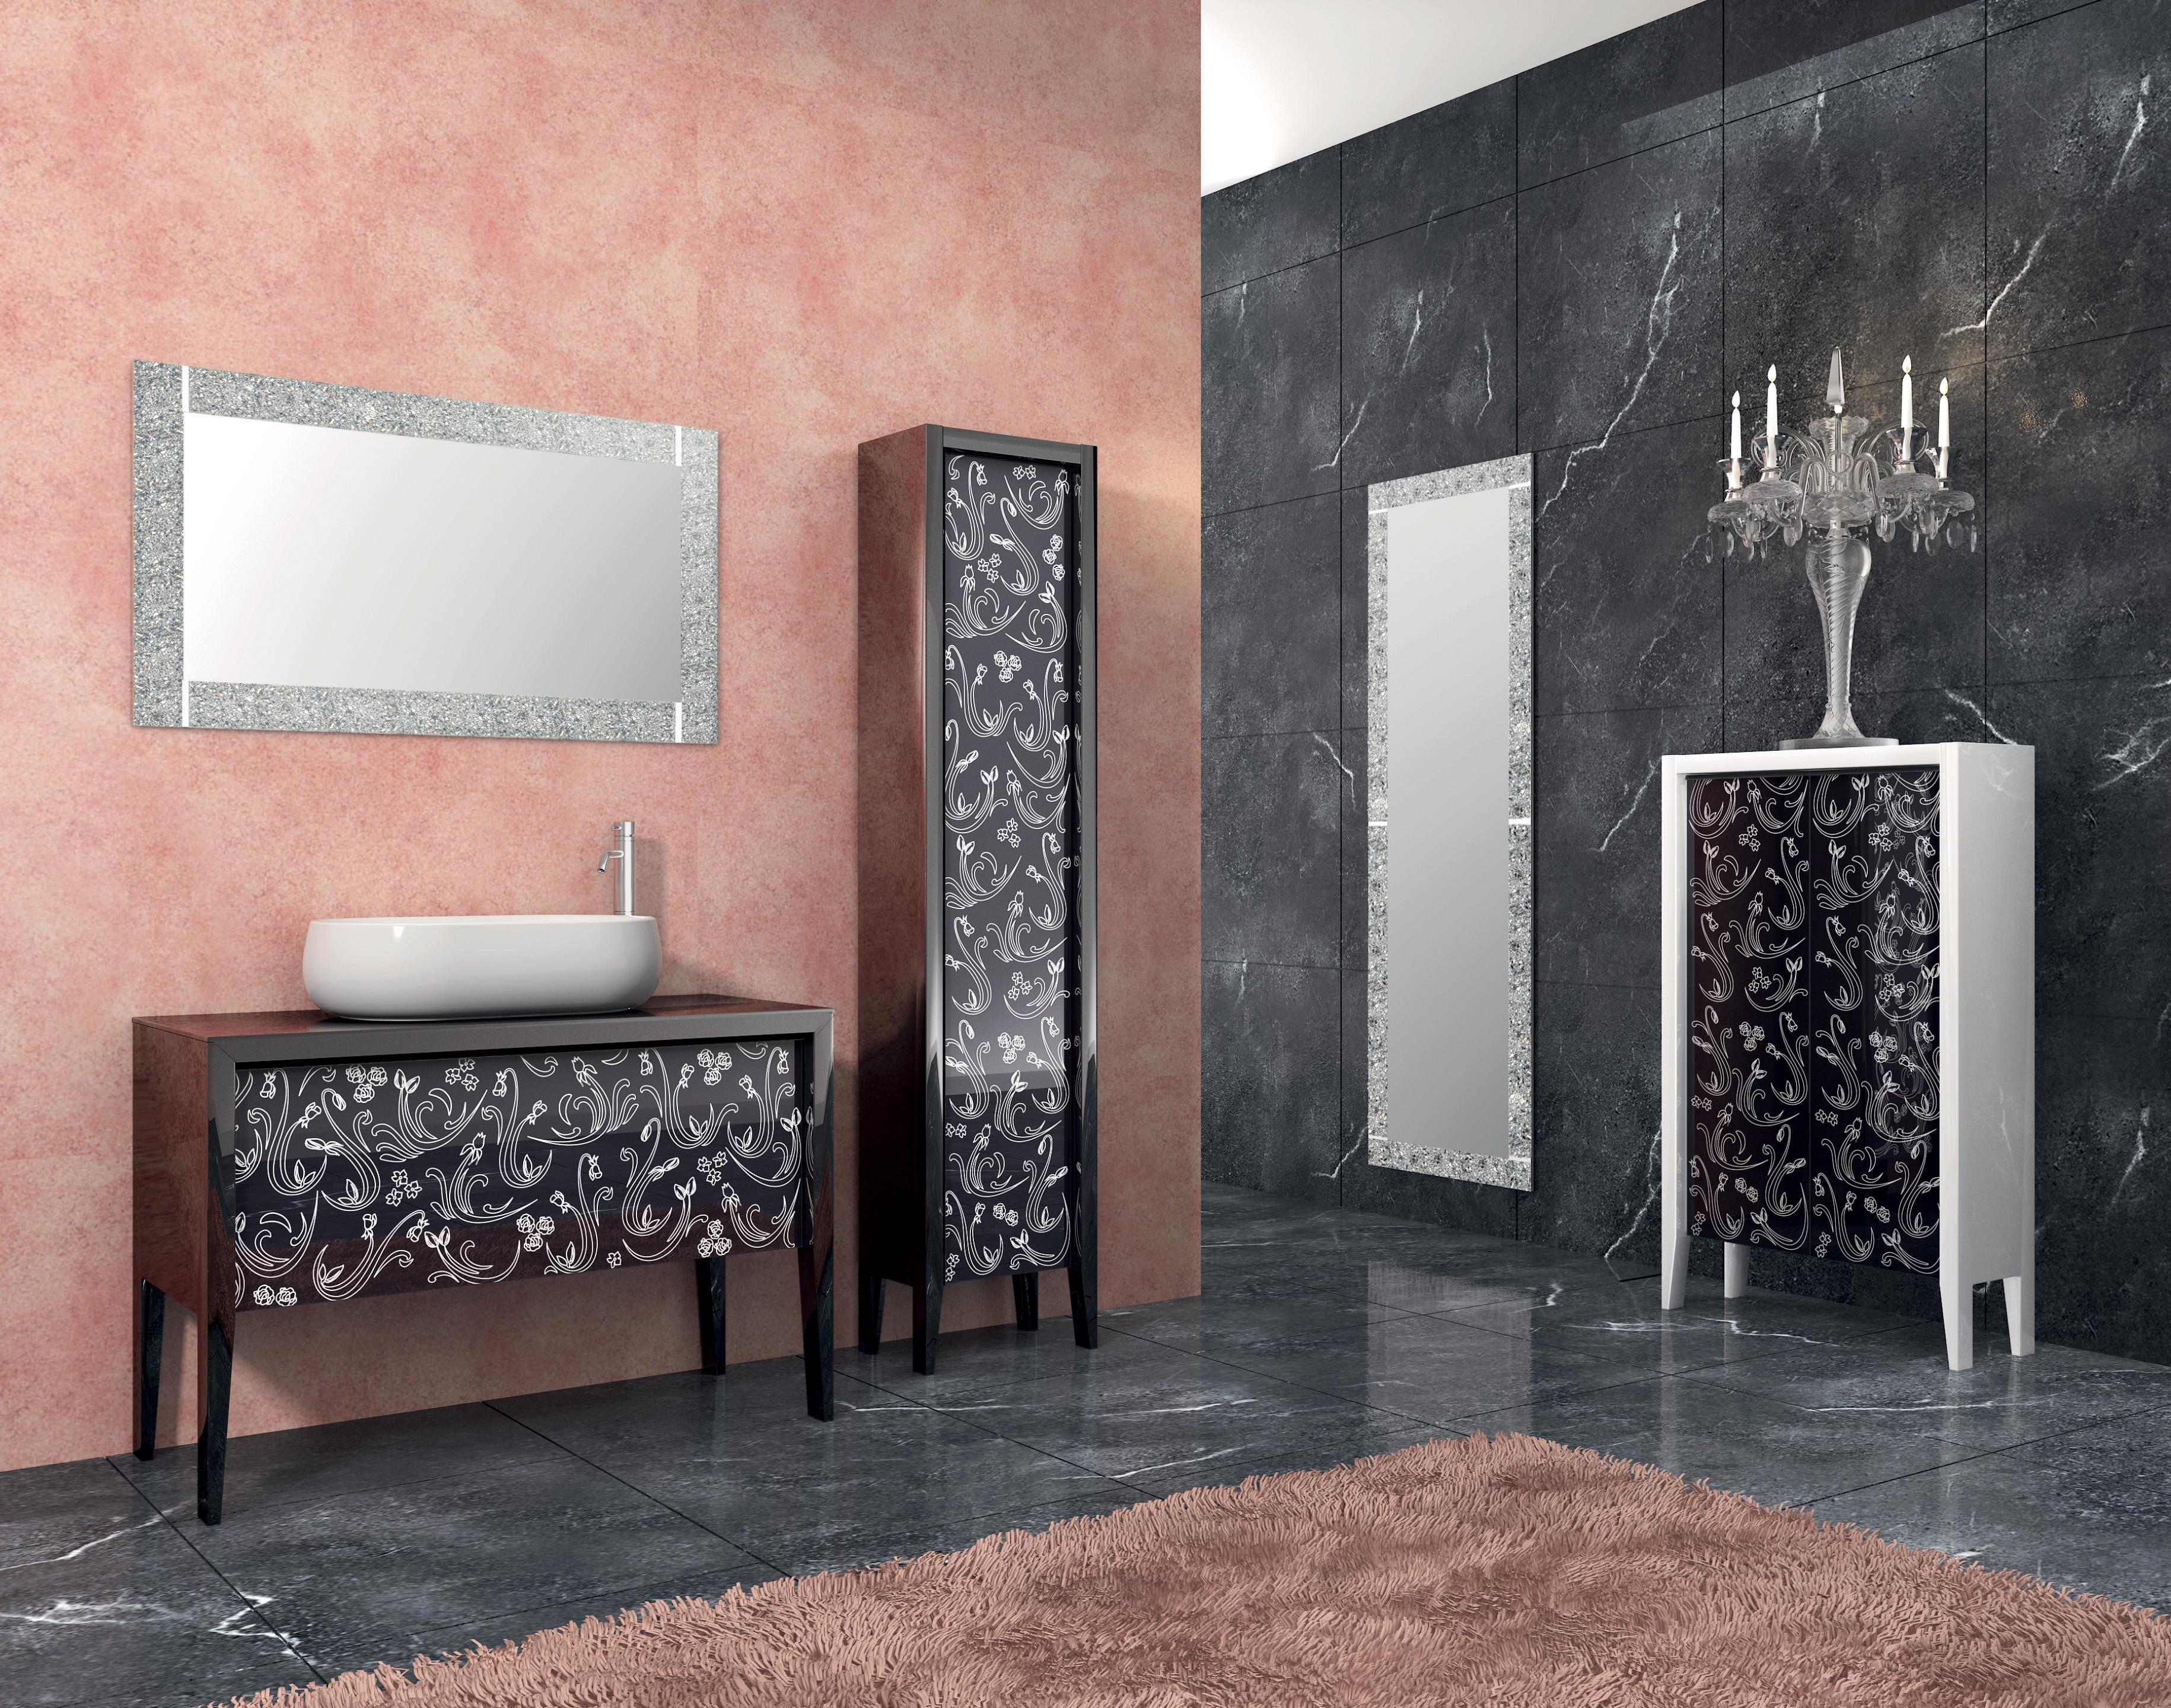 Semplice bagno con pavimento di piastrelle e decori u foto stock